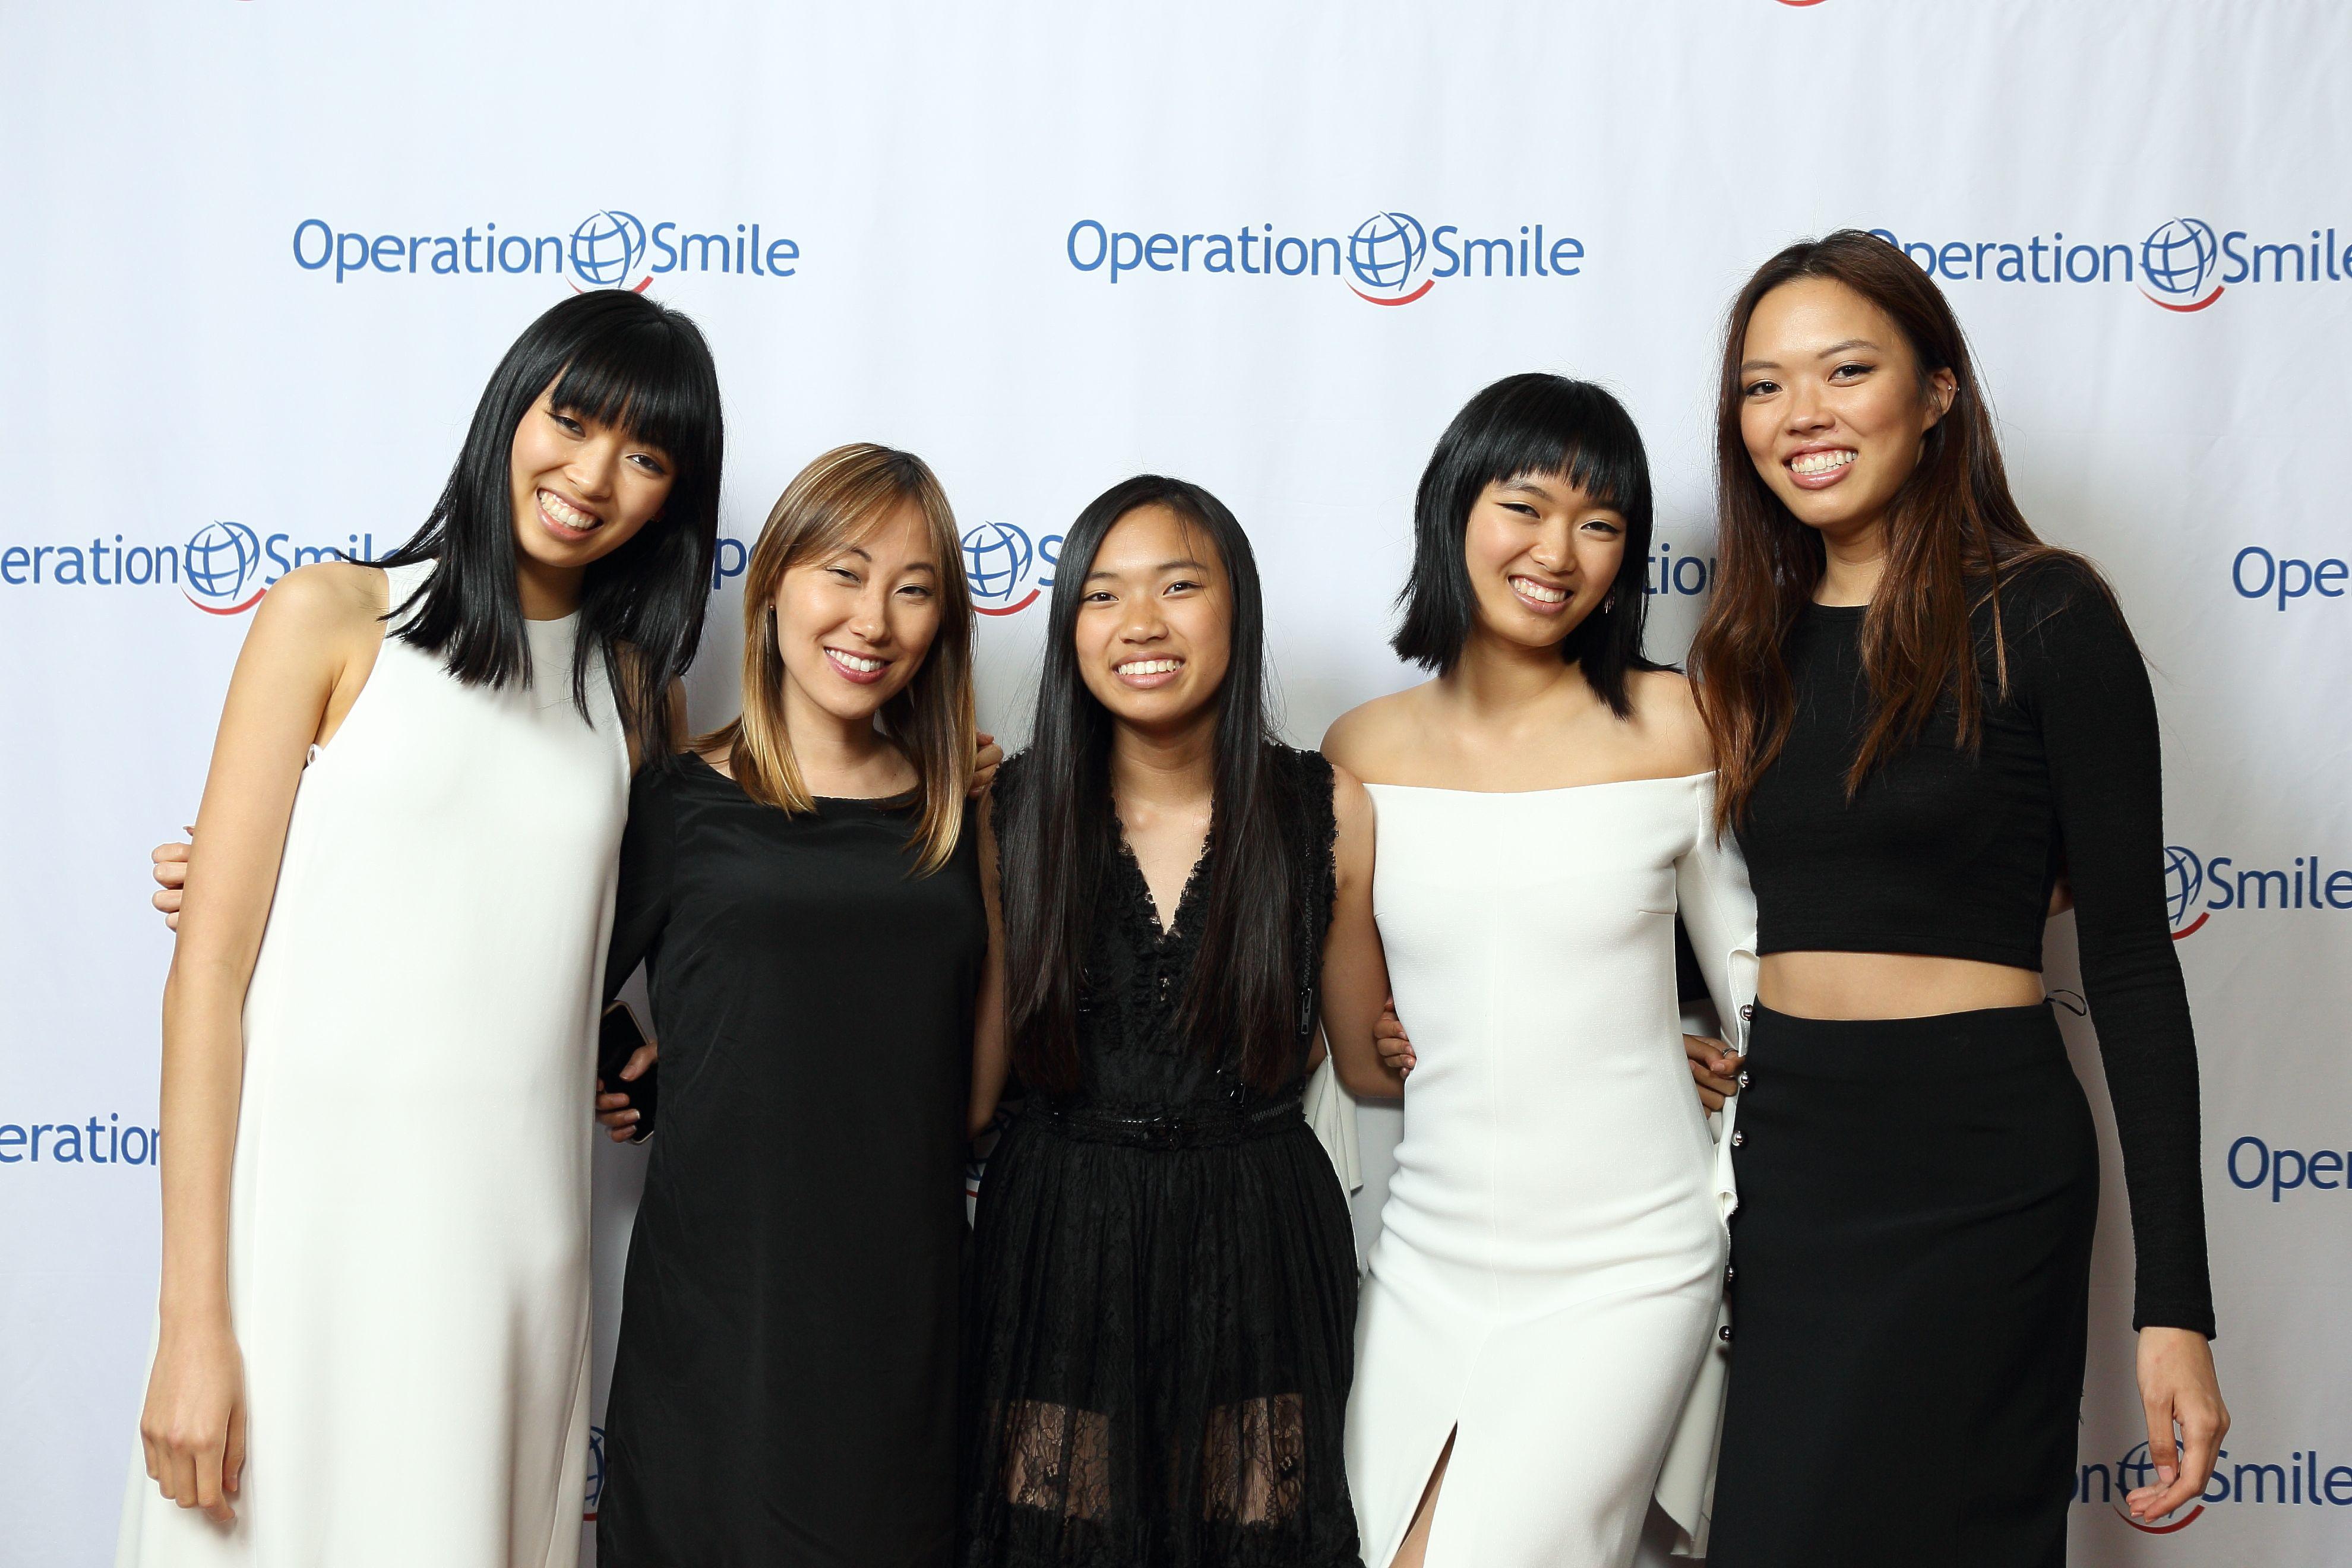 Lauren Nguyen, Robyn Elefane, Anais Nguyen, Chloe Nguyen, Misha Nguyen